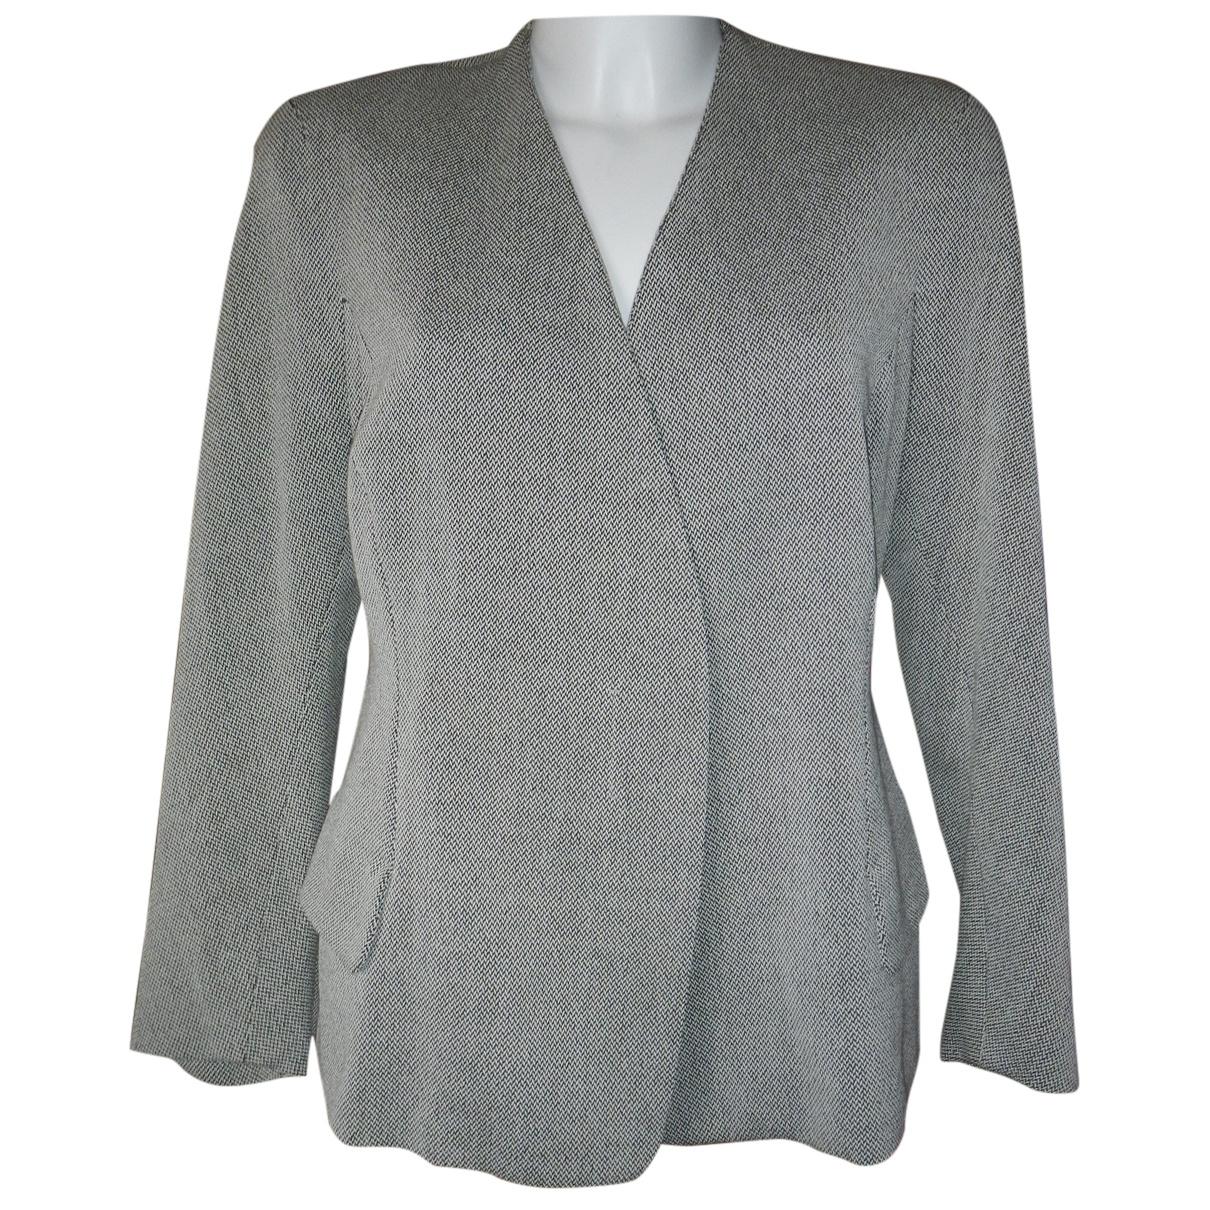 Jil Sander \N Grey Wool jacket for Women 44 IT